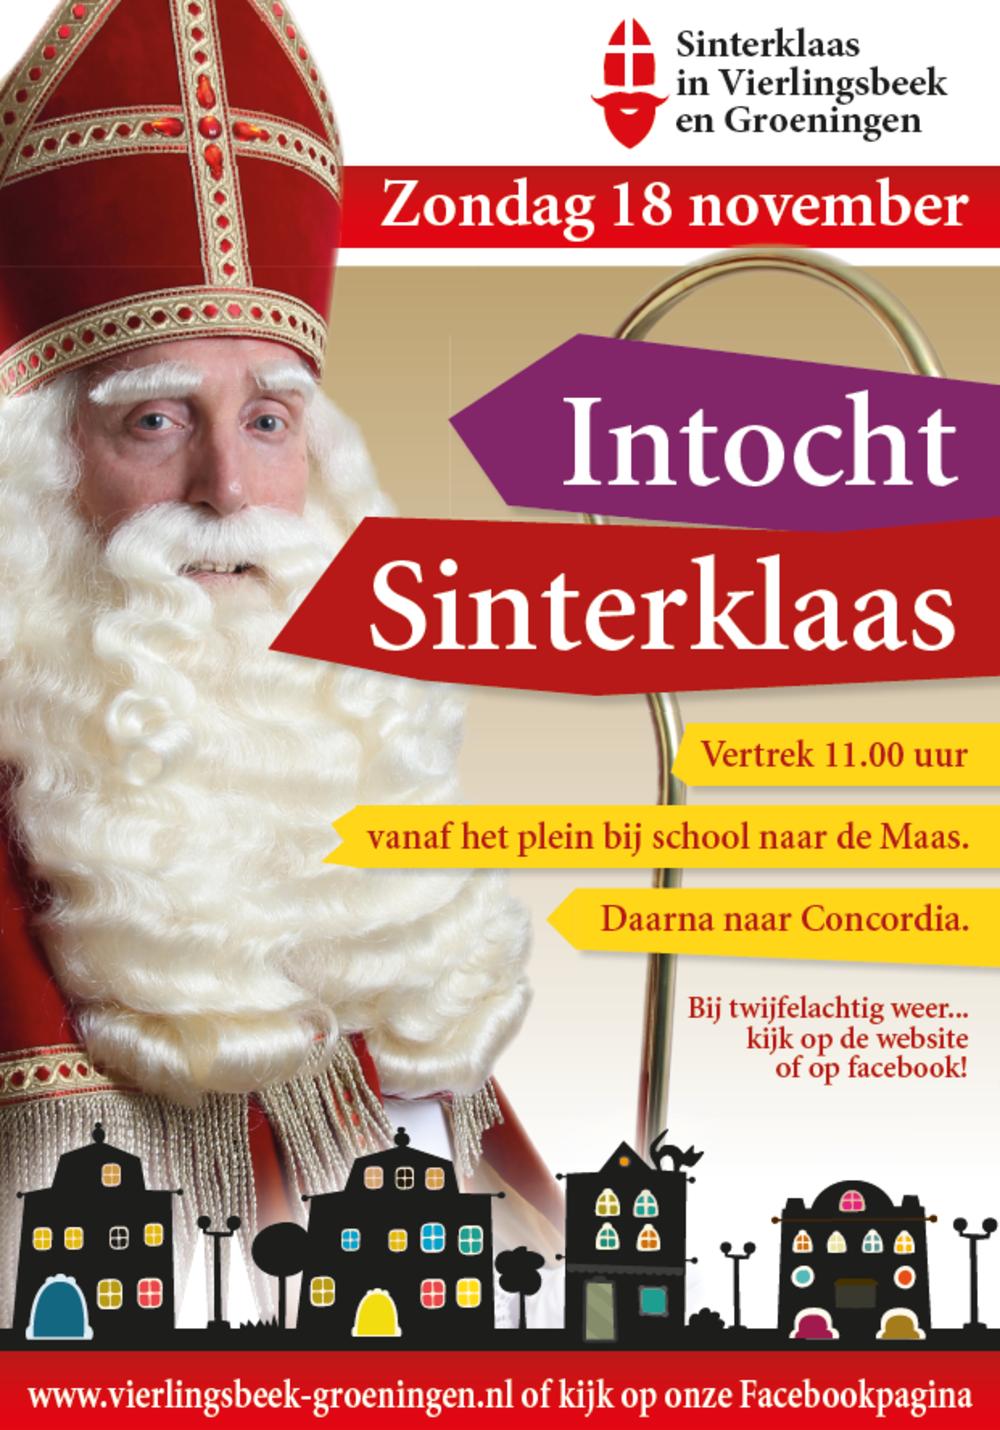 Intocht Van Sinterklaas In Vierlingsbeek En Groeningen Nieuws Vierlingsbeek Groeningen